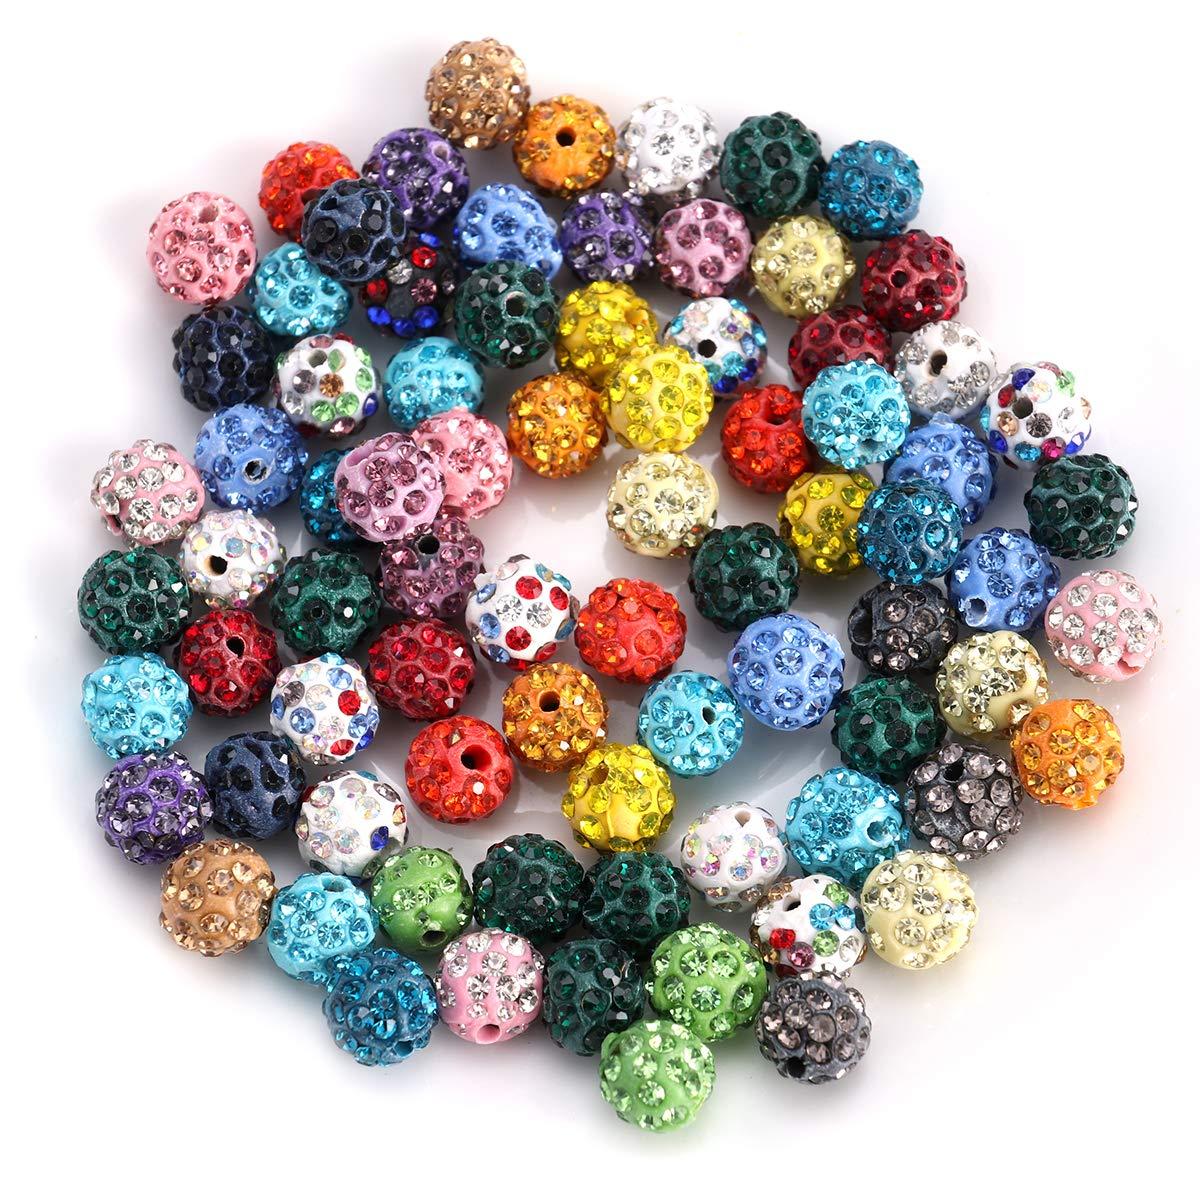 SUPVOX 100 Unids Disco Cuentas de Cristal pedrería allanar Arcilla Espaciador Bolas de Bolas para la joyería Que Hace 10 mm (Color Surtido)